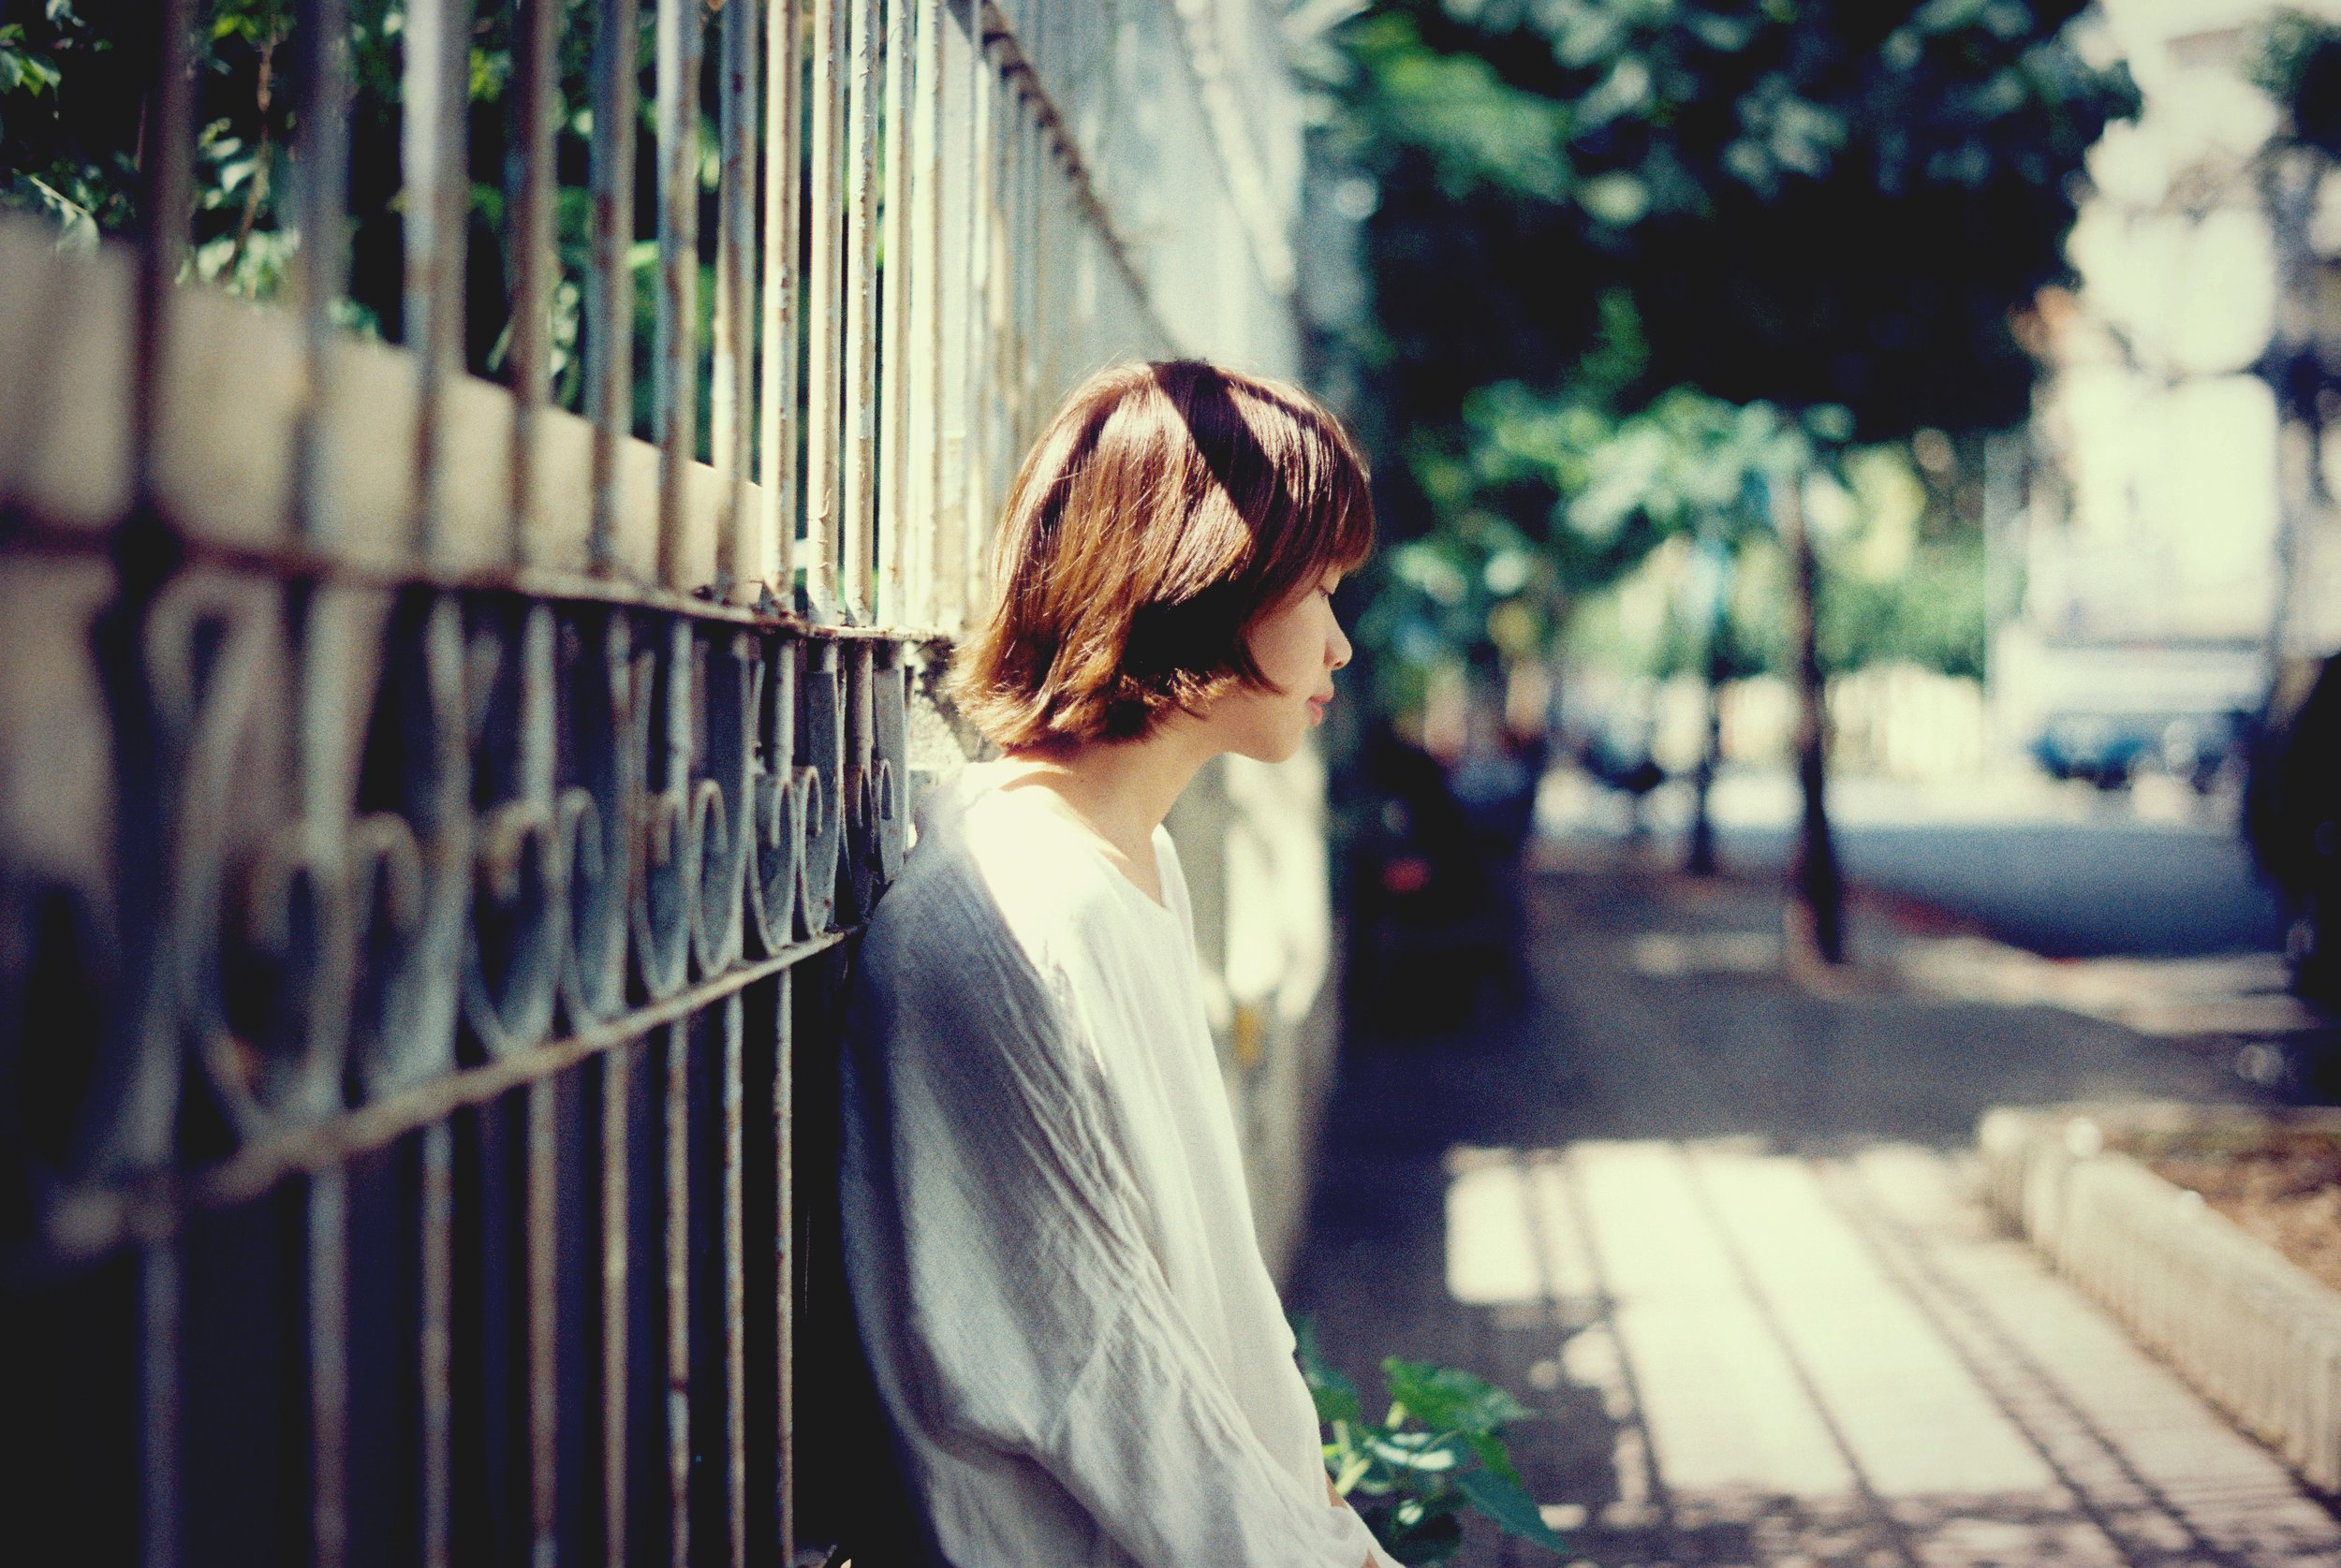 Sientes que tienes que forzar temas de conversación - Esa conversación fluida o emocionante que antes dominaba tu relación, ya no está ahí.